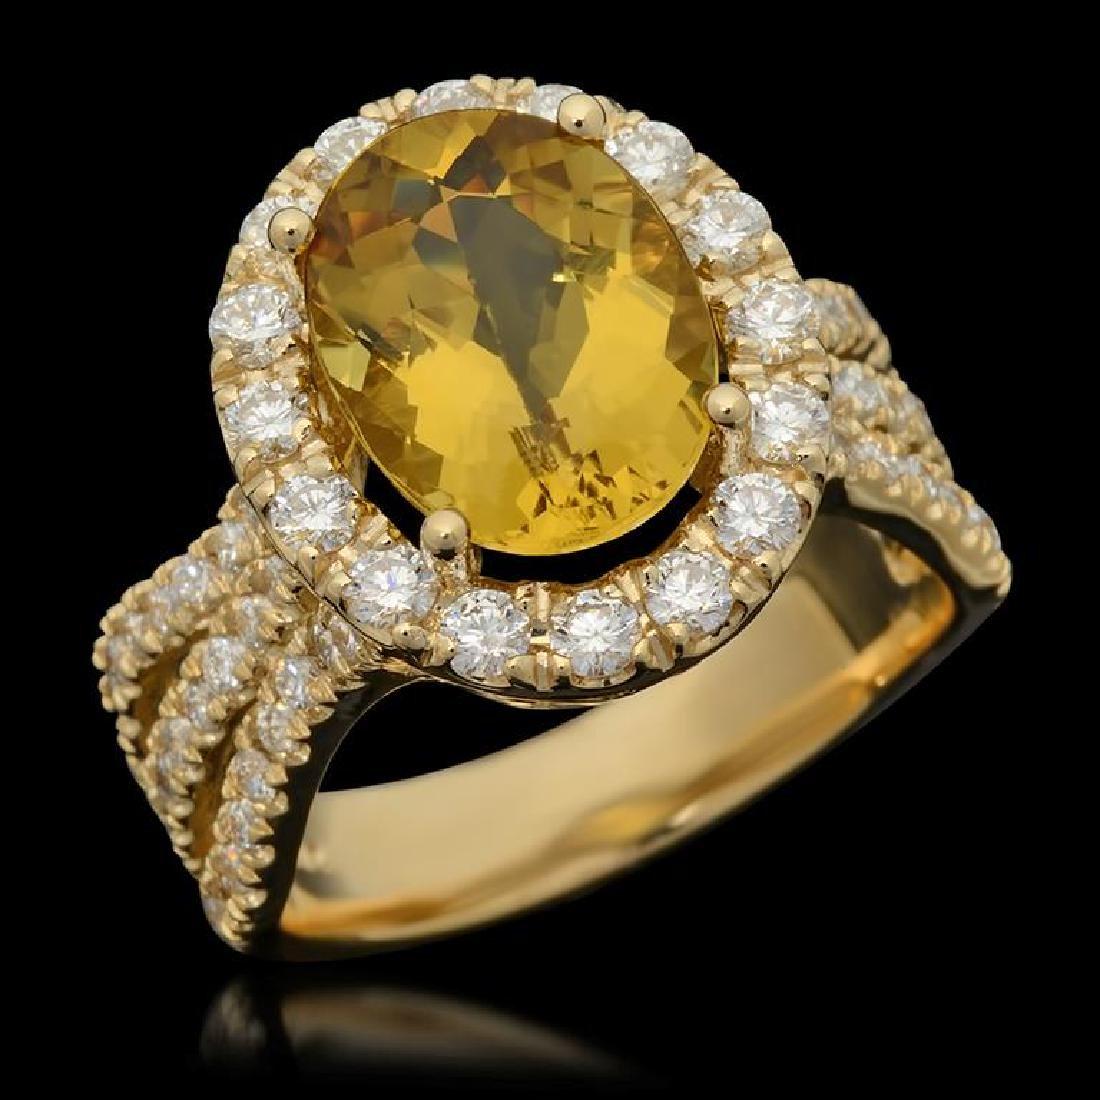 14K Gold 3.61ct Yellow Beryl & 1.54ct Diamond Ring